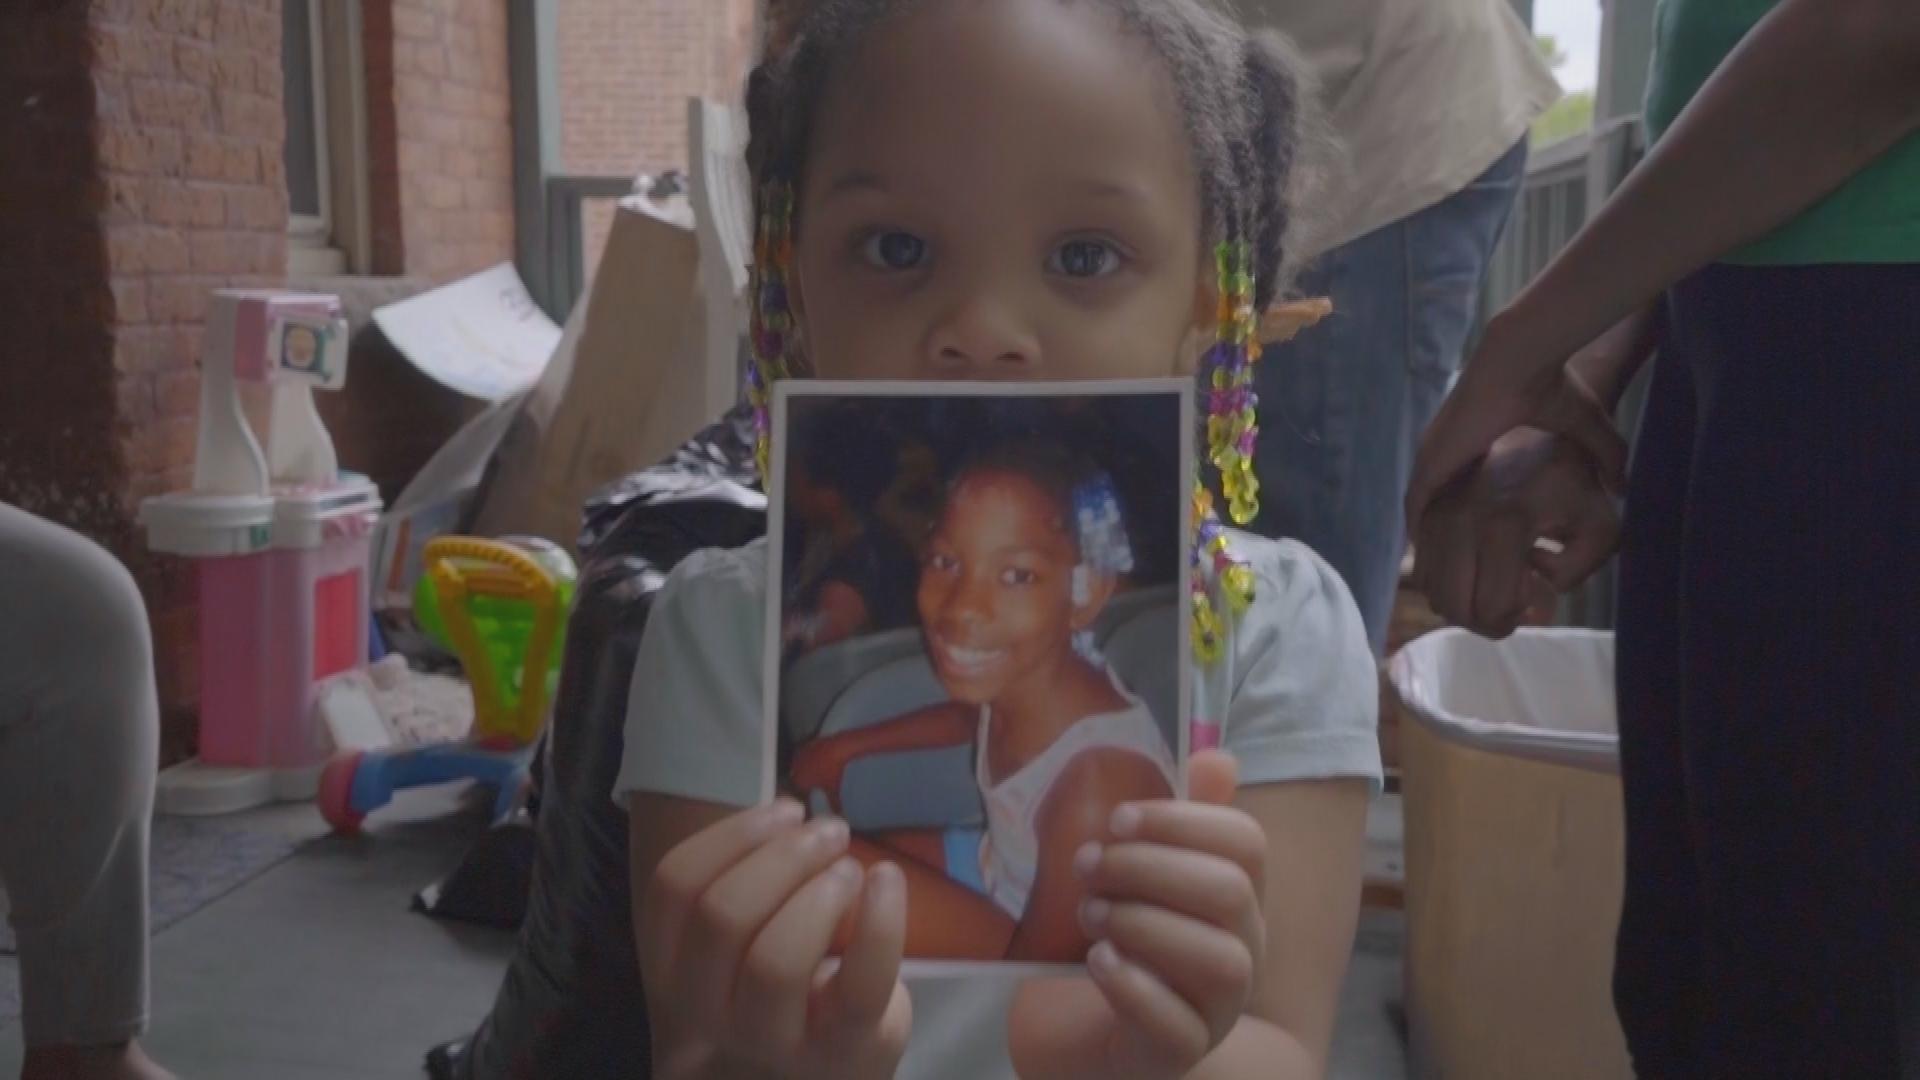 Tearah's little sister holding a photo of Tearah.